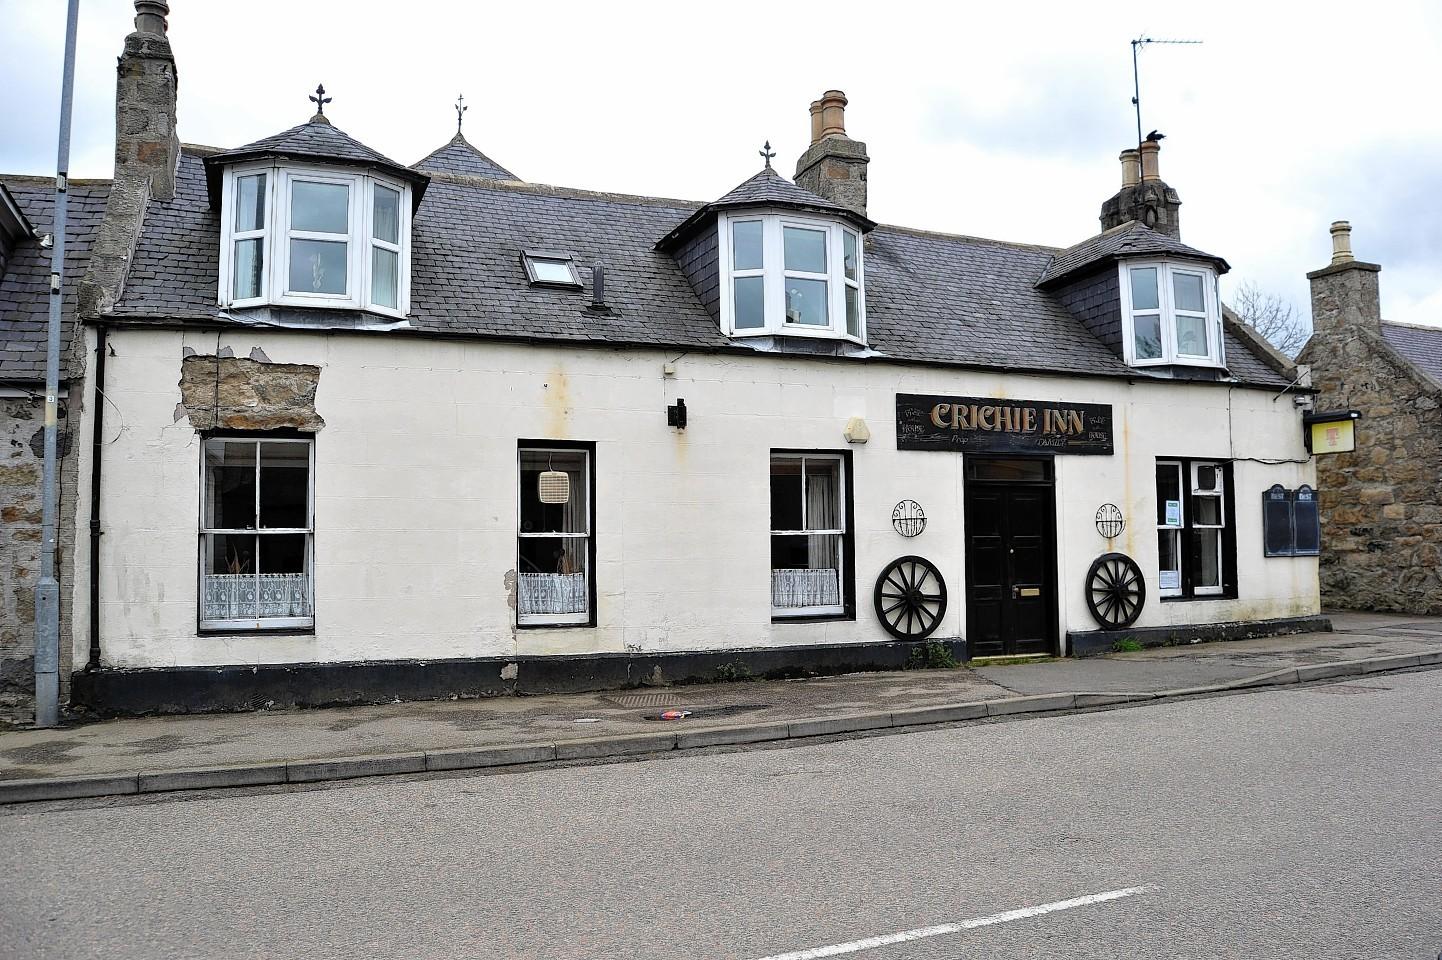 Crichie Inn